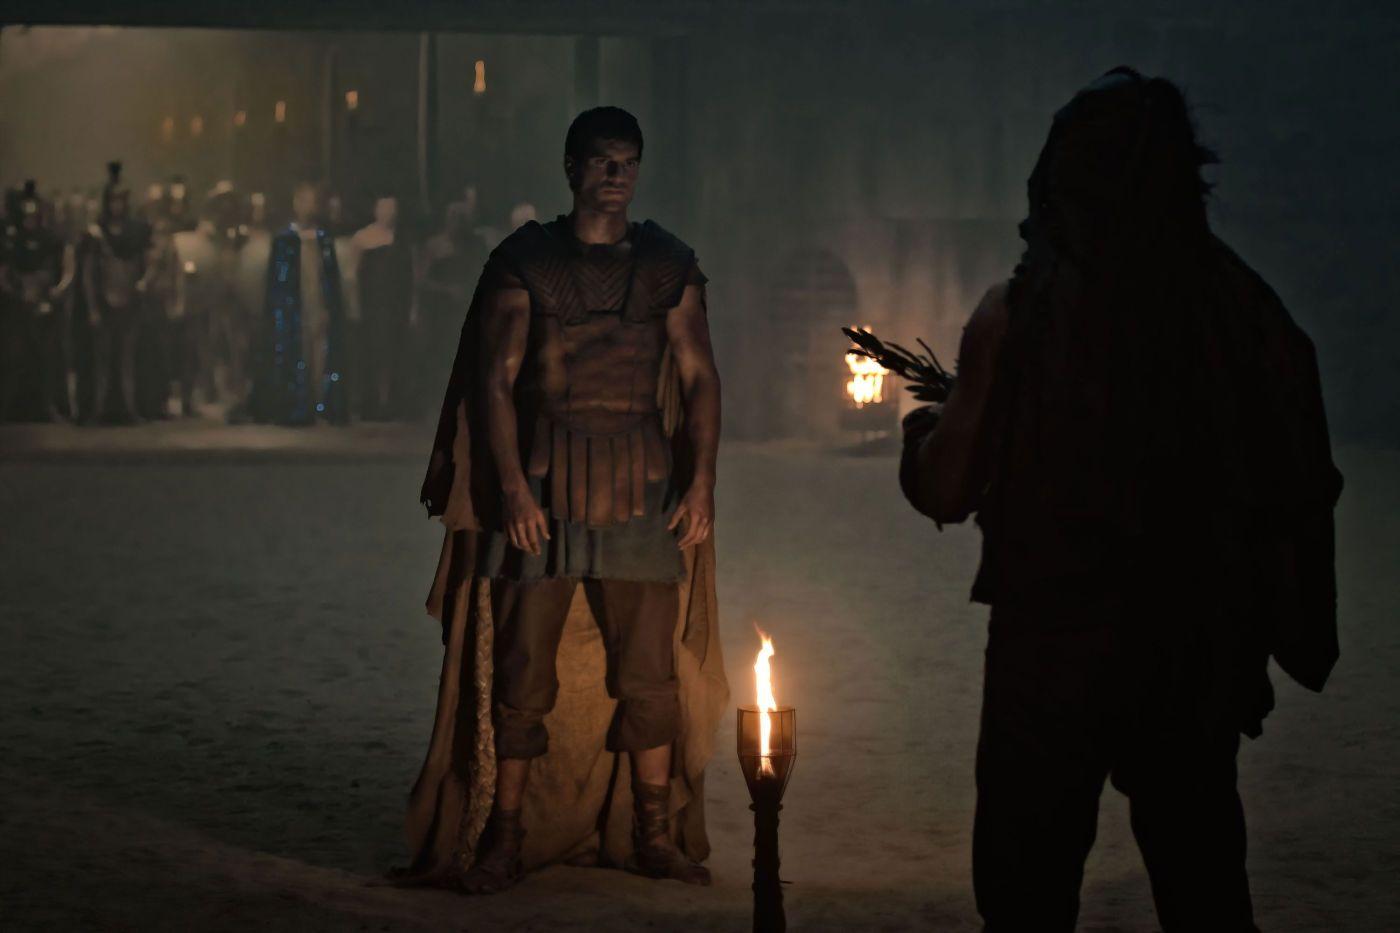 кадры из фильма Война богов: Бессмертные Генри Кэвилл, Микки Рурк,